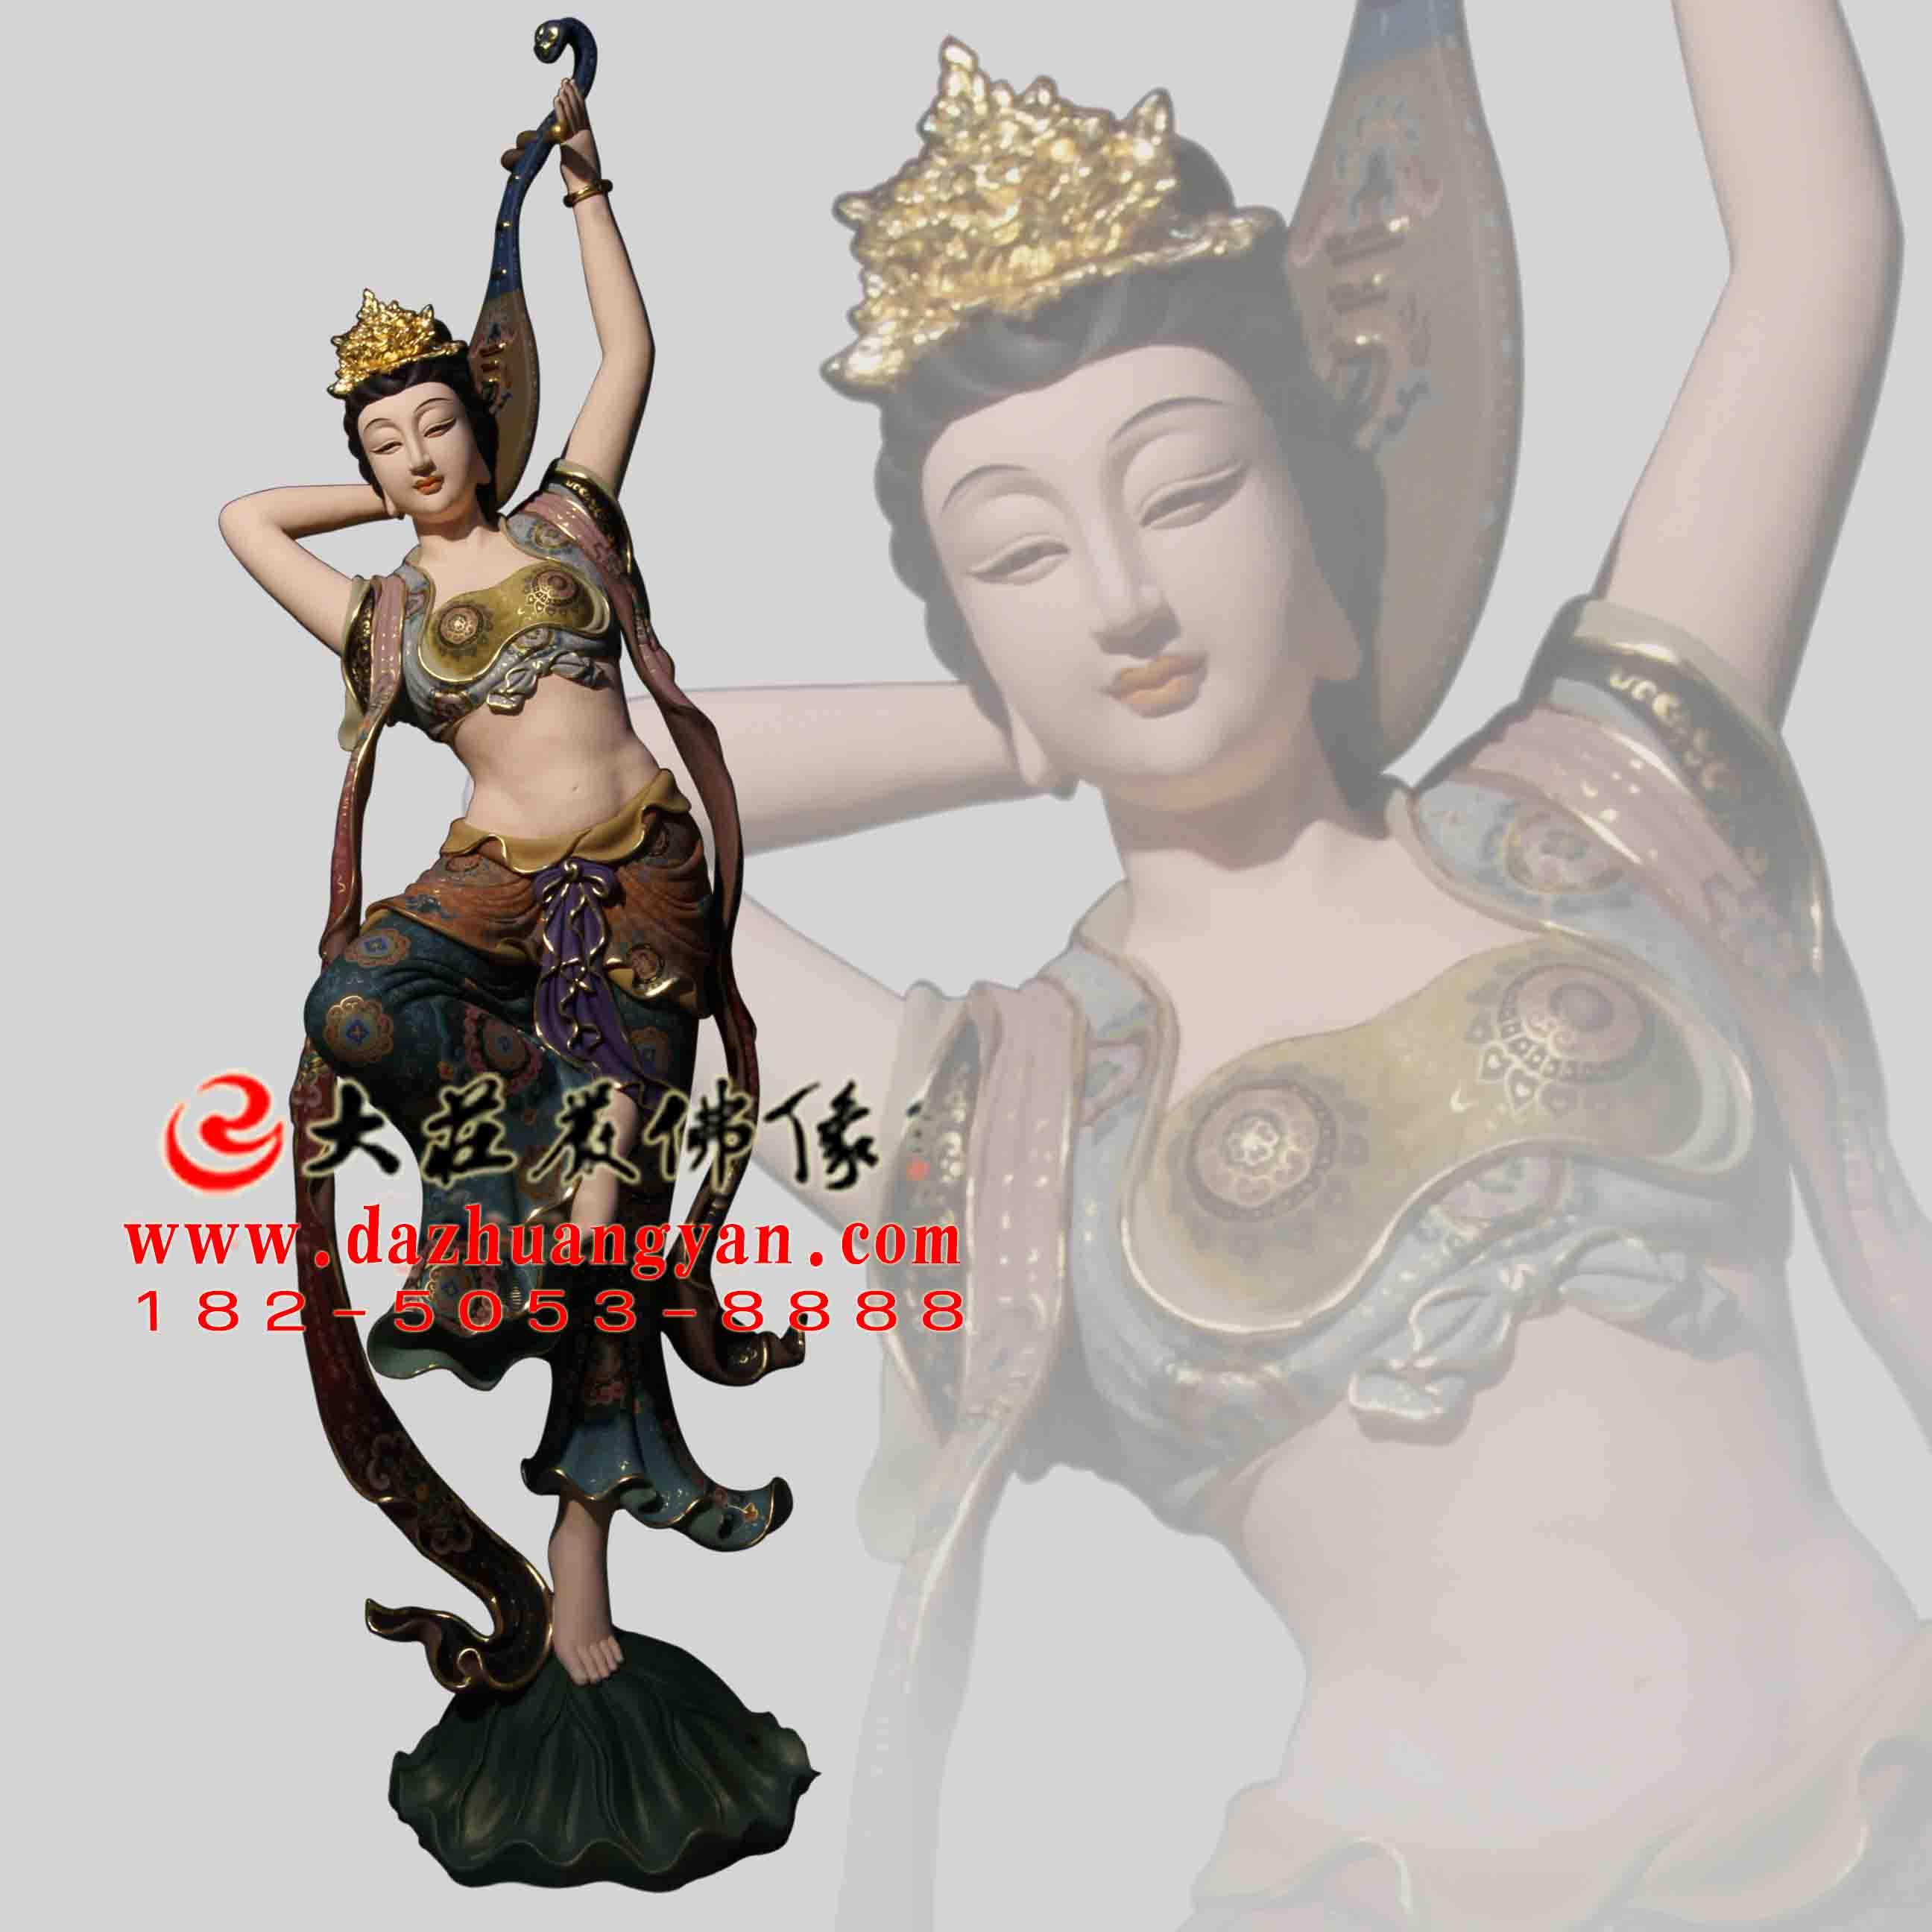 铜雕反弹琵琶伎乐天彩绘神像